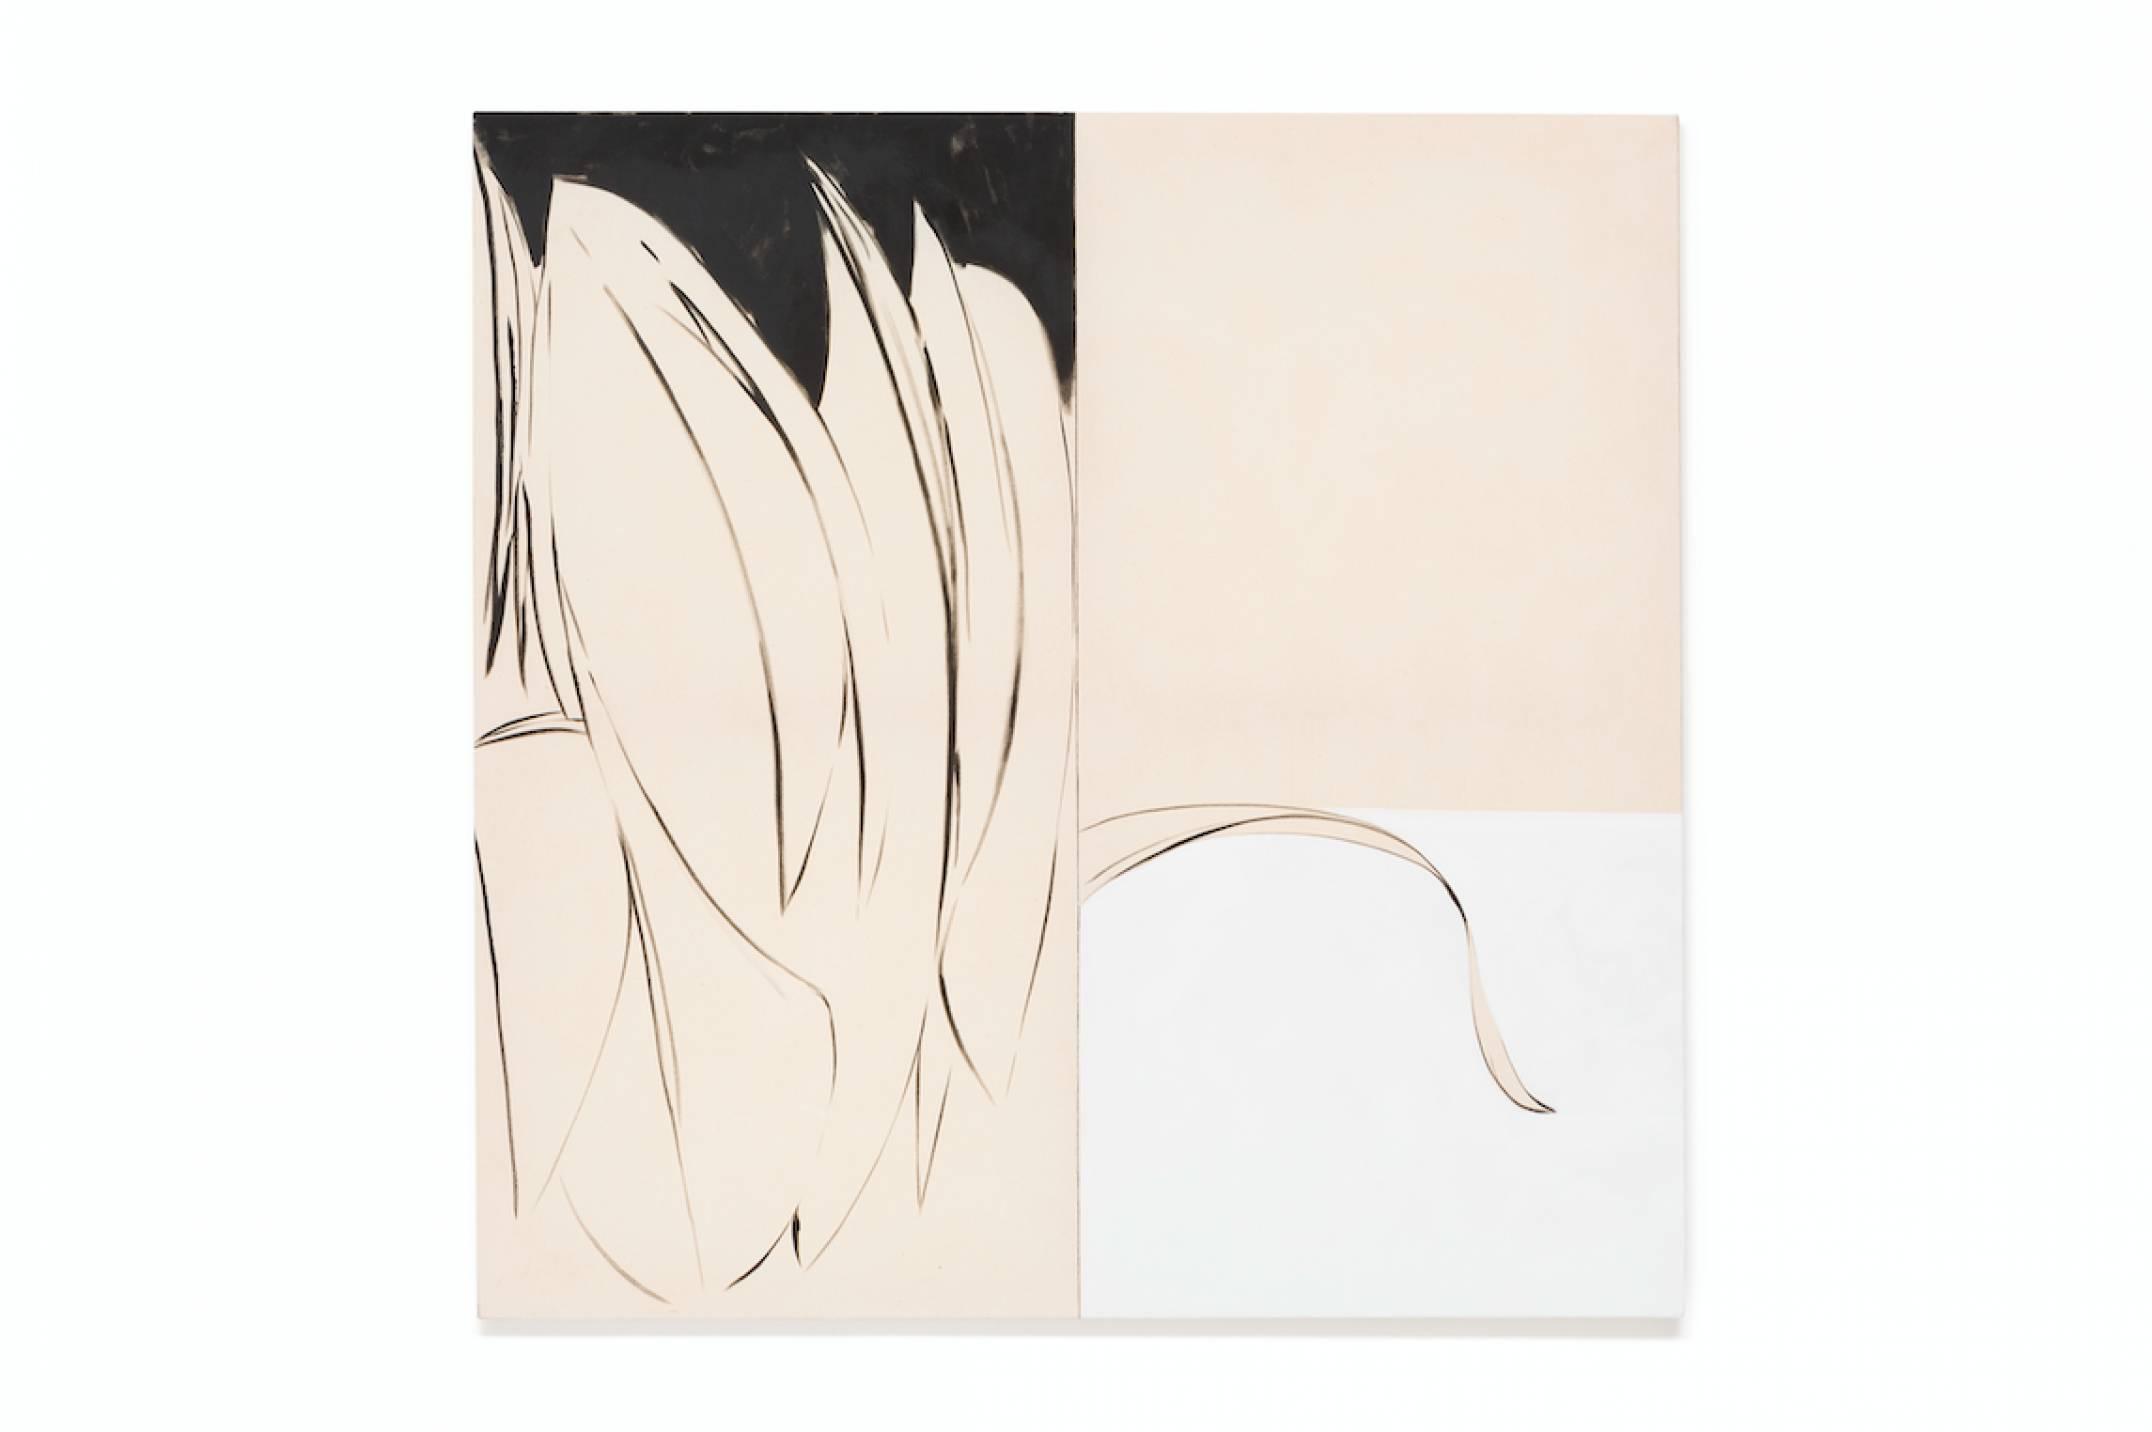 Julie Beaufils, <em>The next world,</em> 2017, acrylic and ink on canvas, 130 × 130 cm<br> - Mendes Wood DM